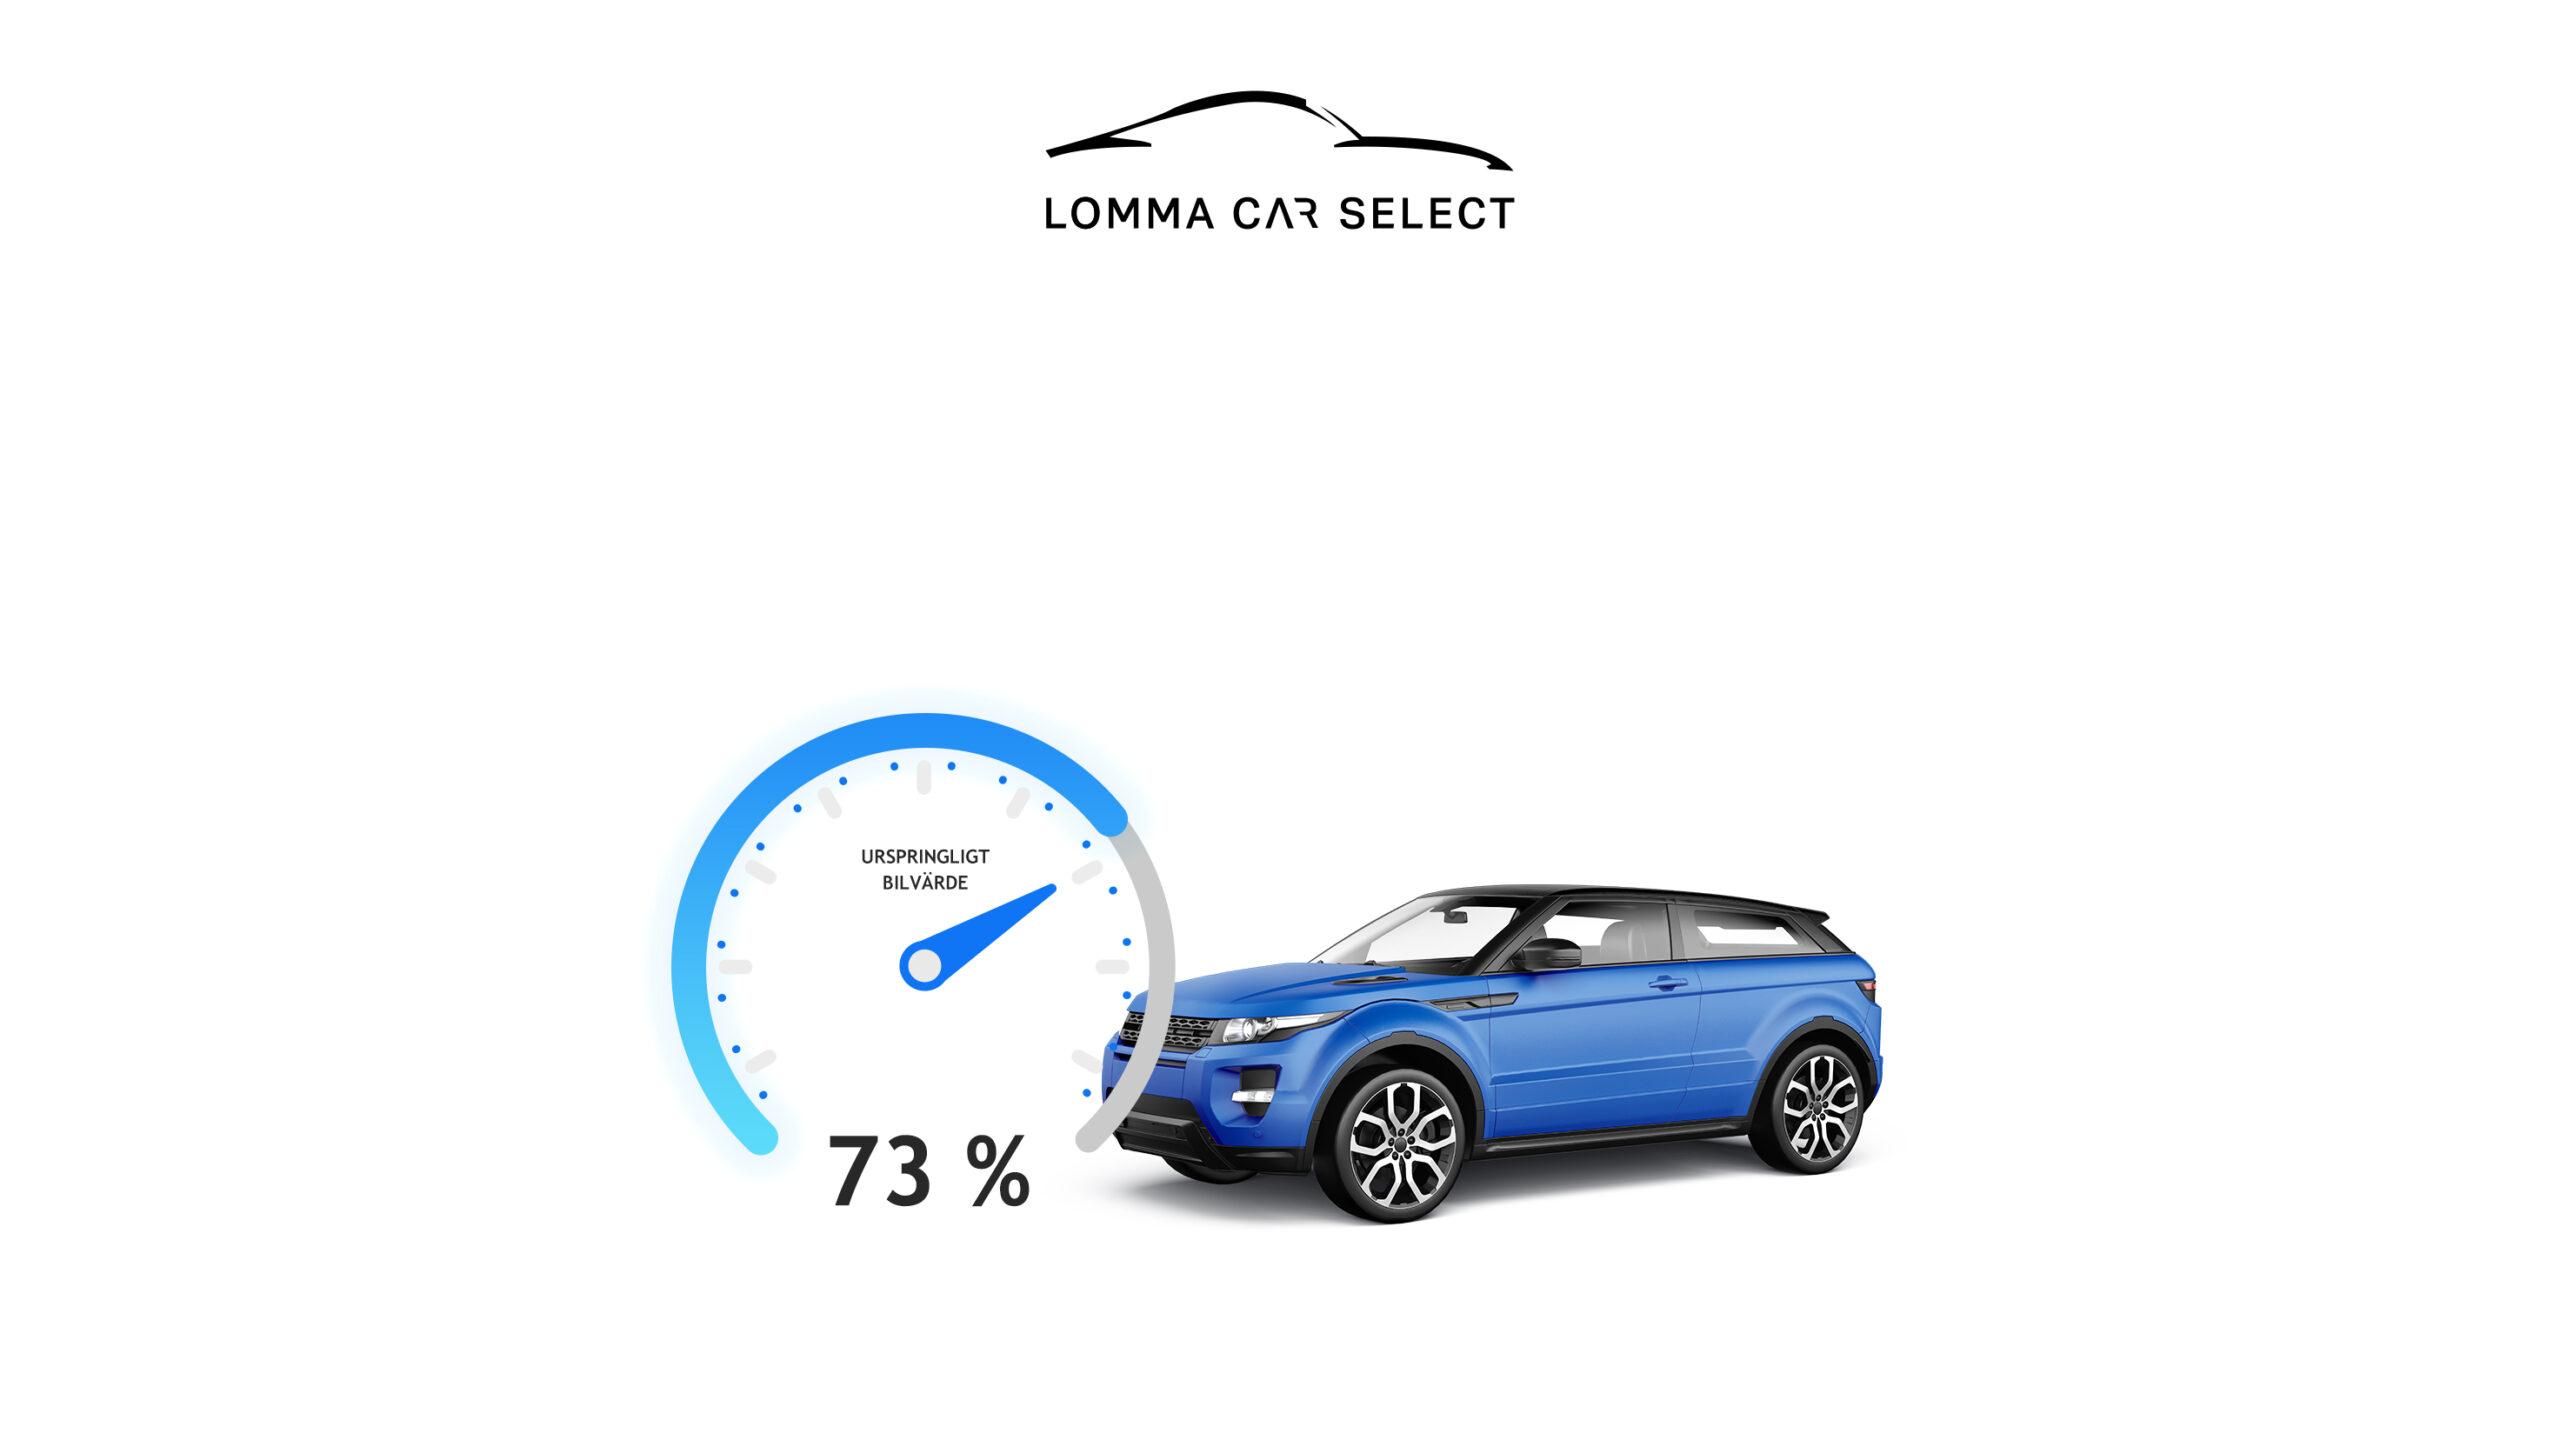 Bilvärdering-Lomma-Car-Select